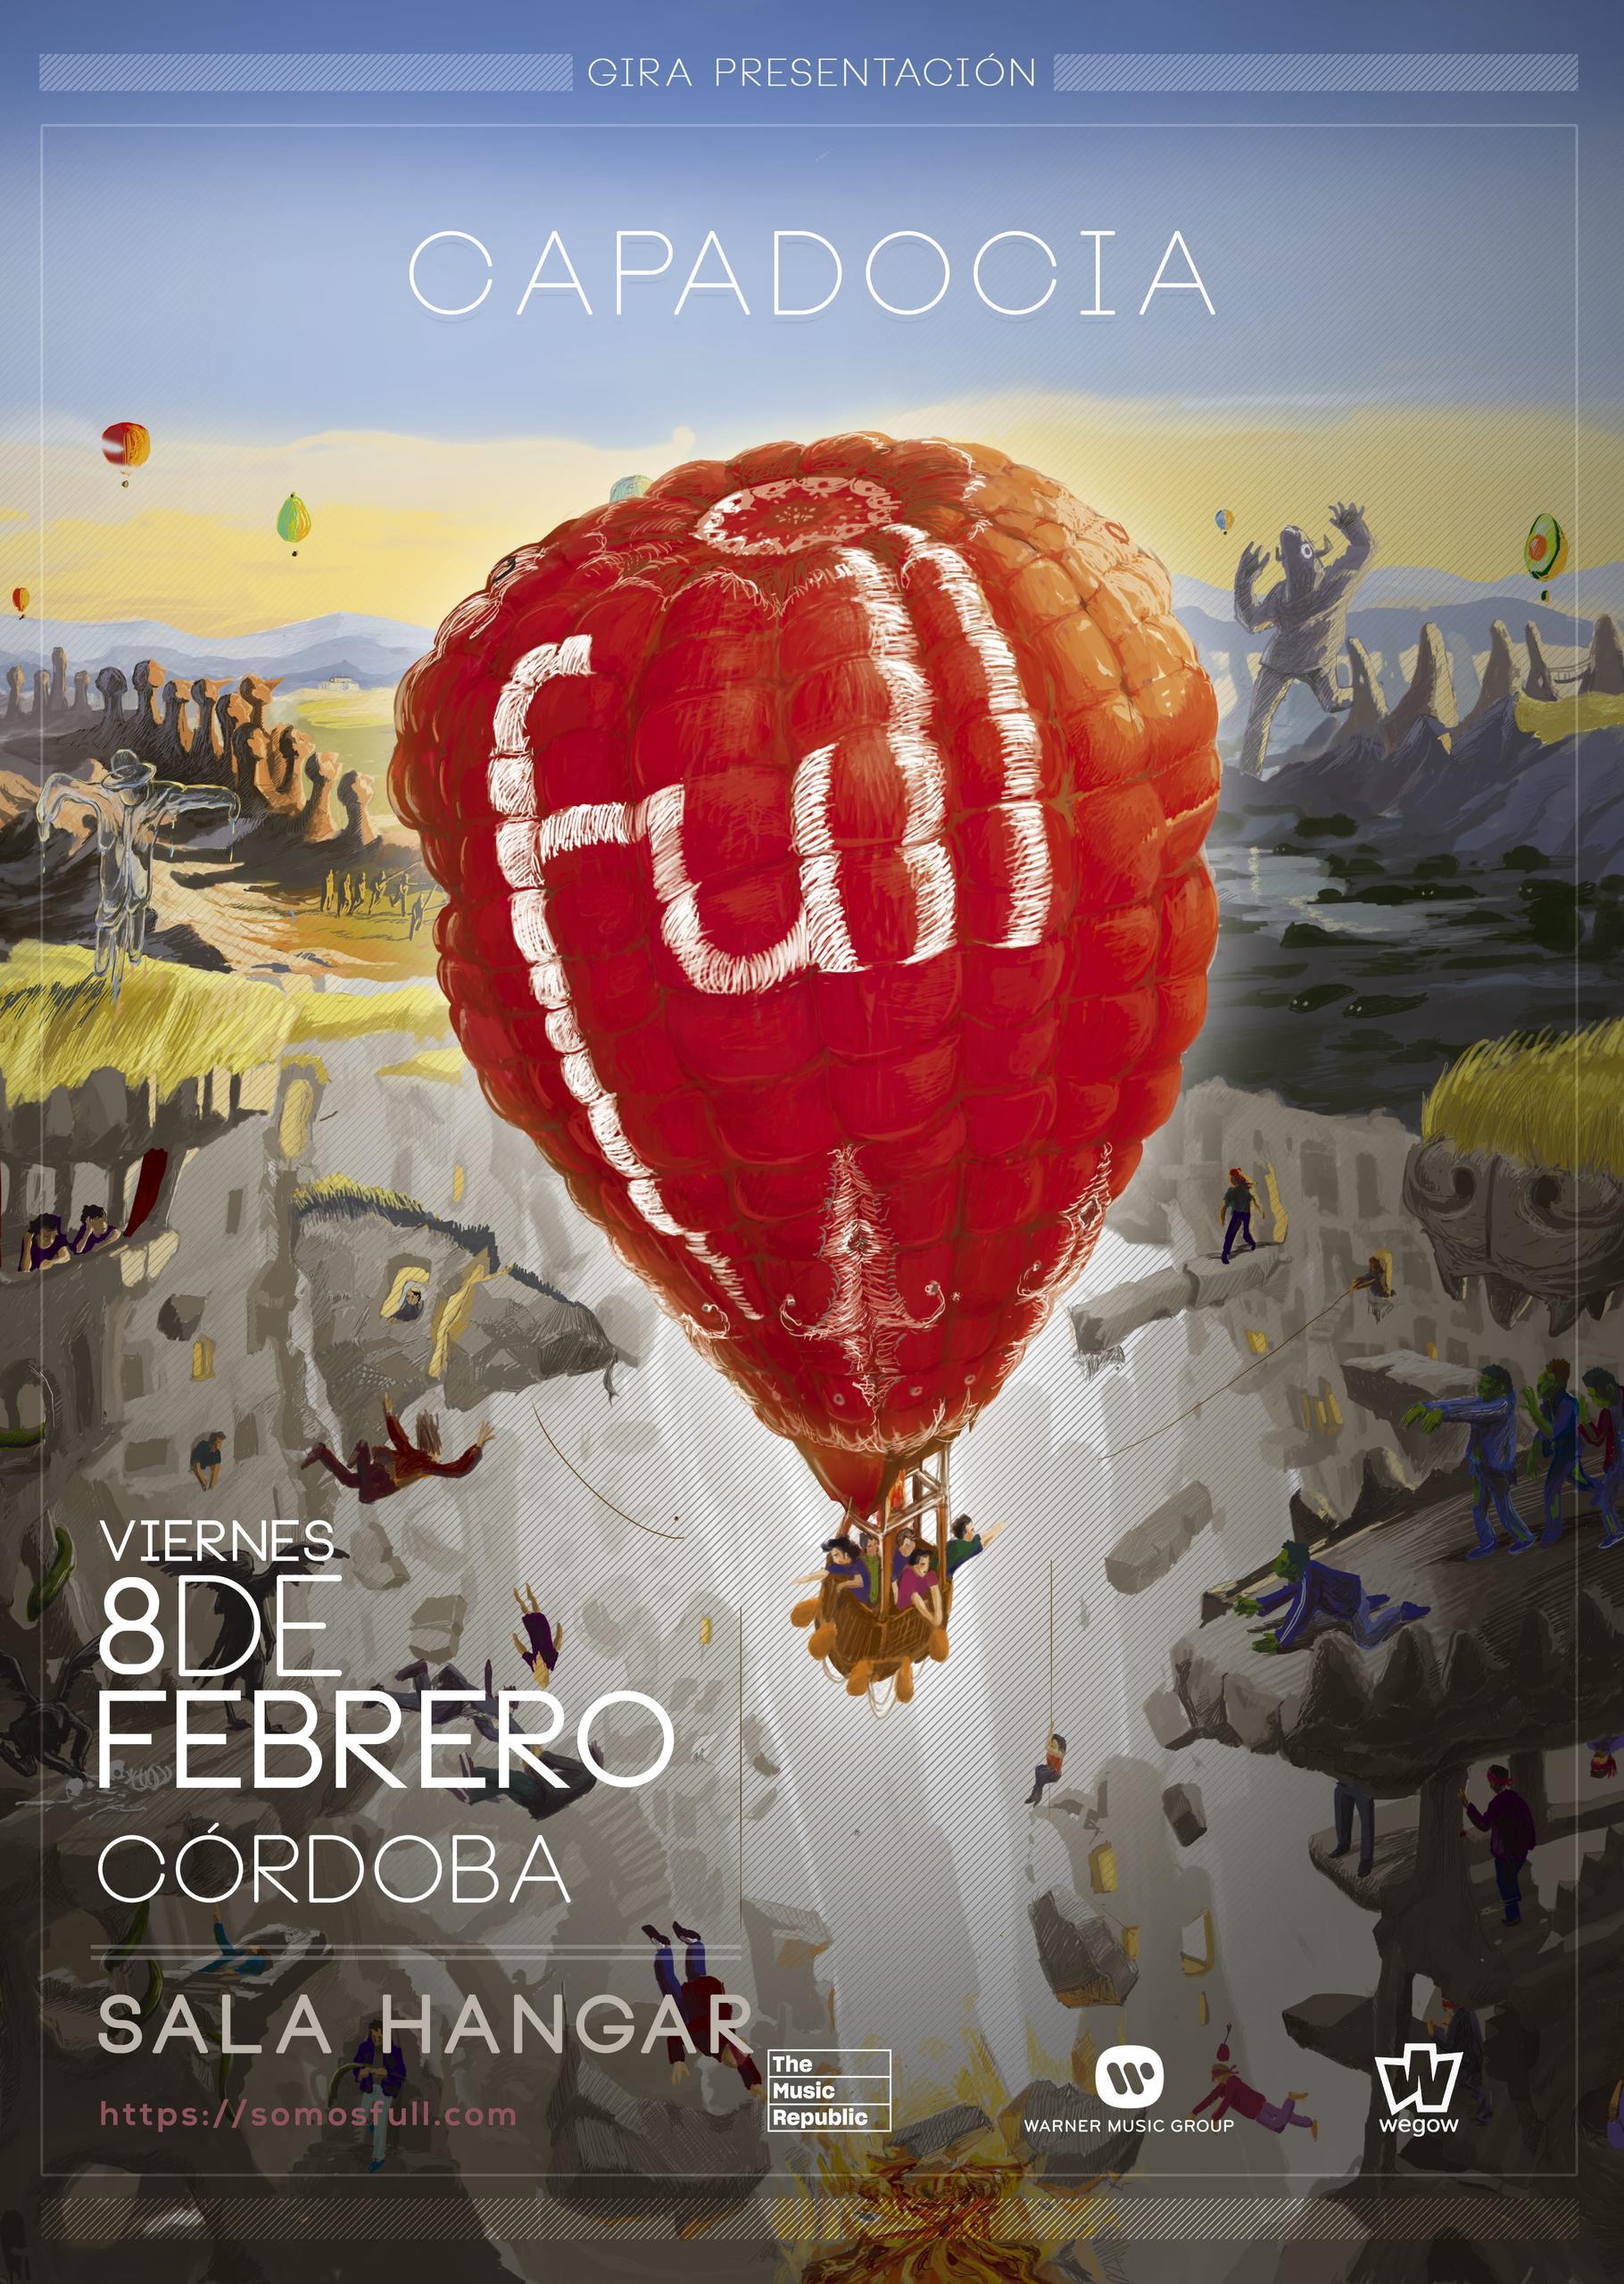 Concierto de Full en Córdoba